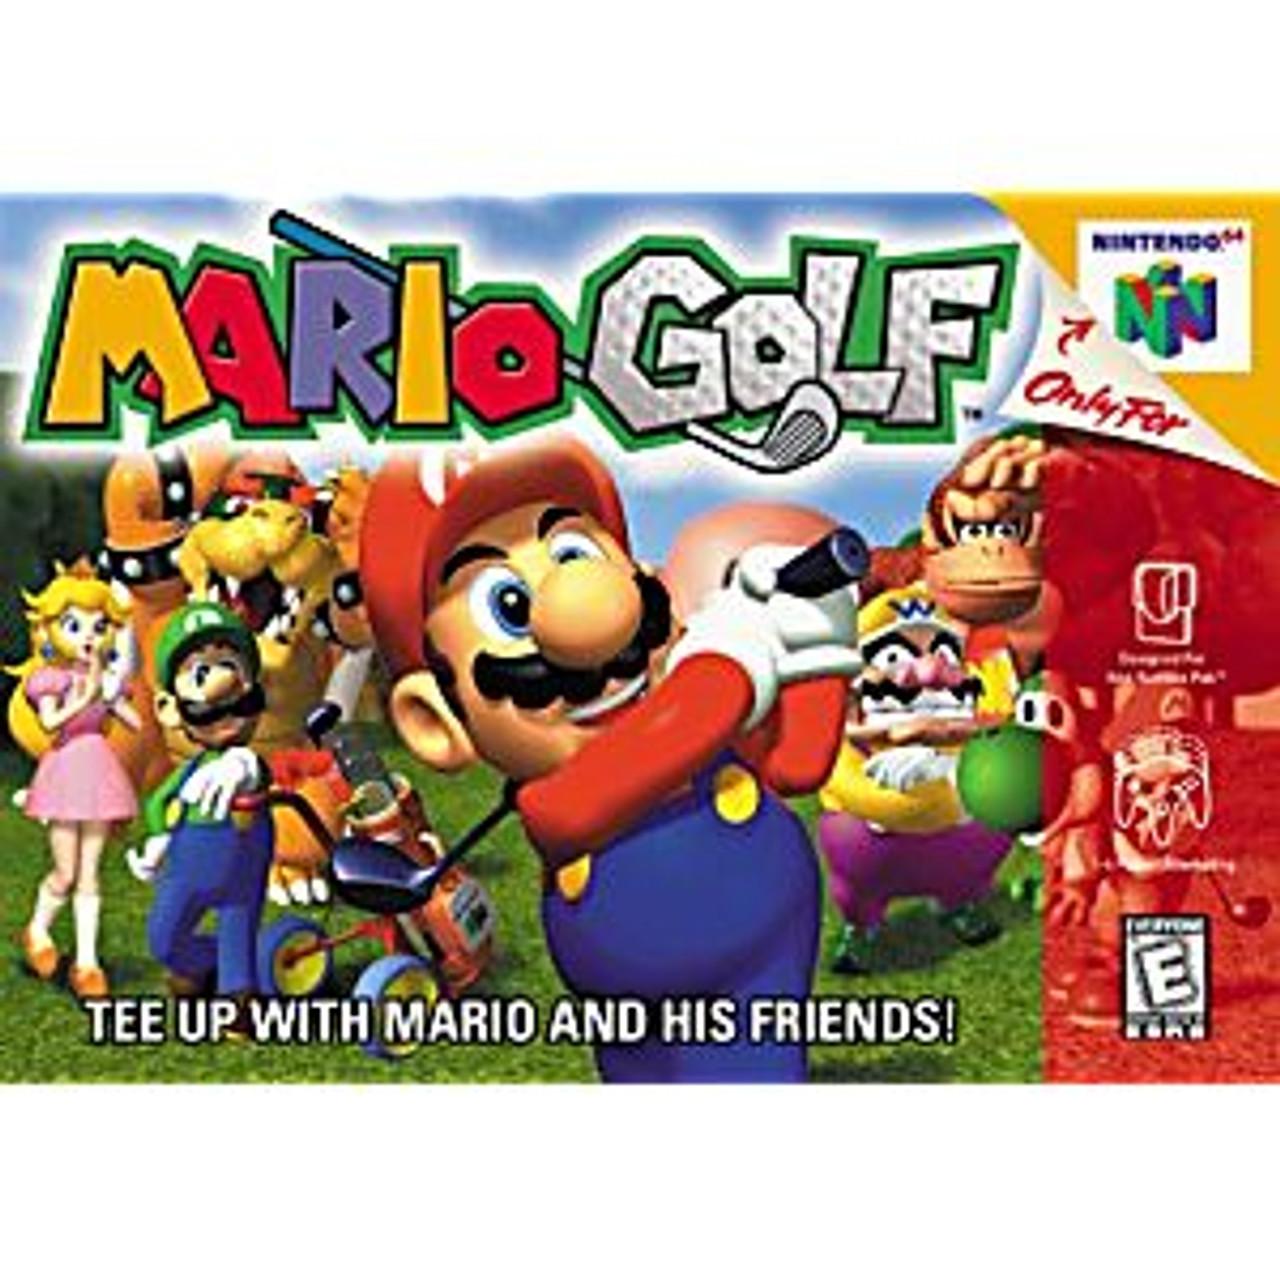 MARIO GOLF [E] - N64